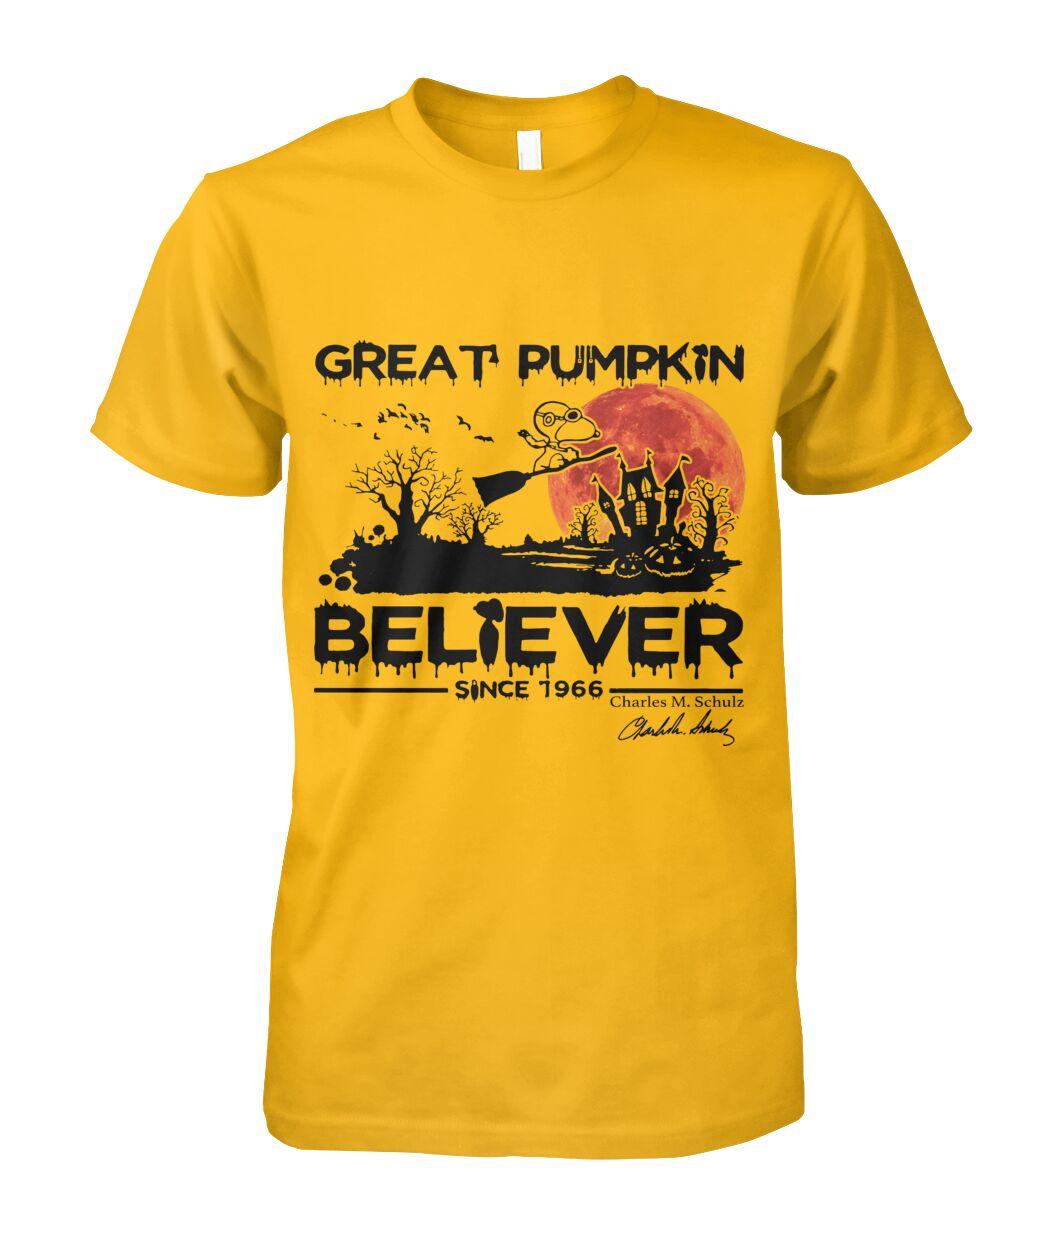 Great Pumpkin Believer 1996s Fans Shirt